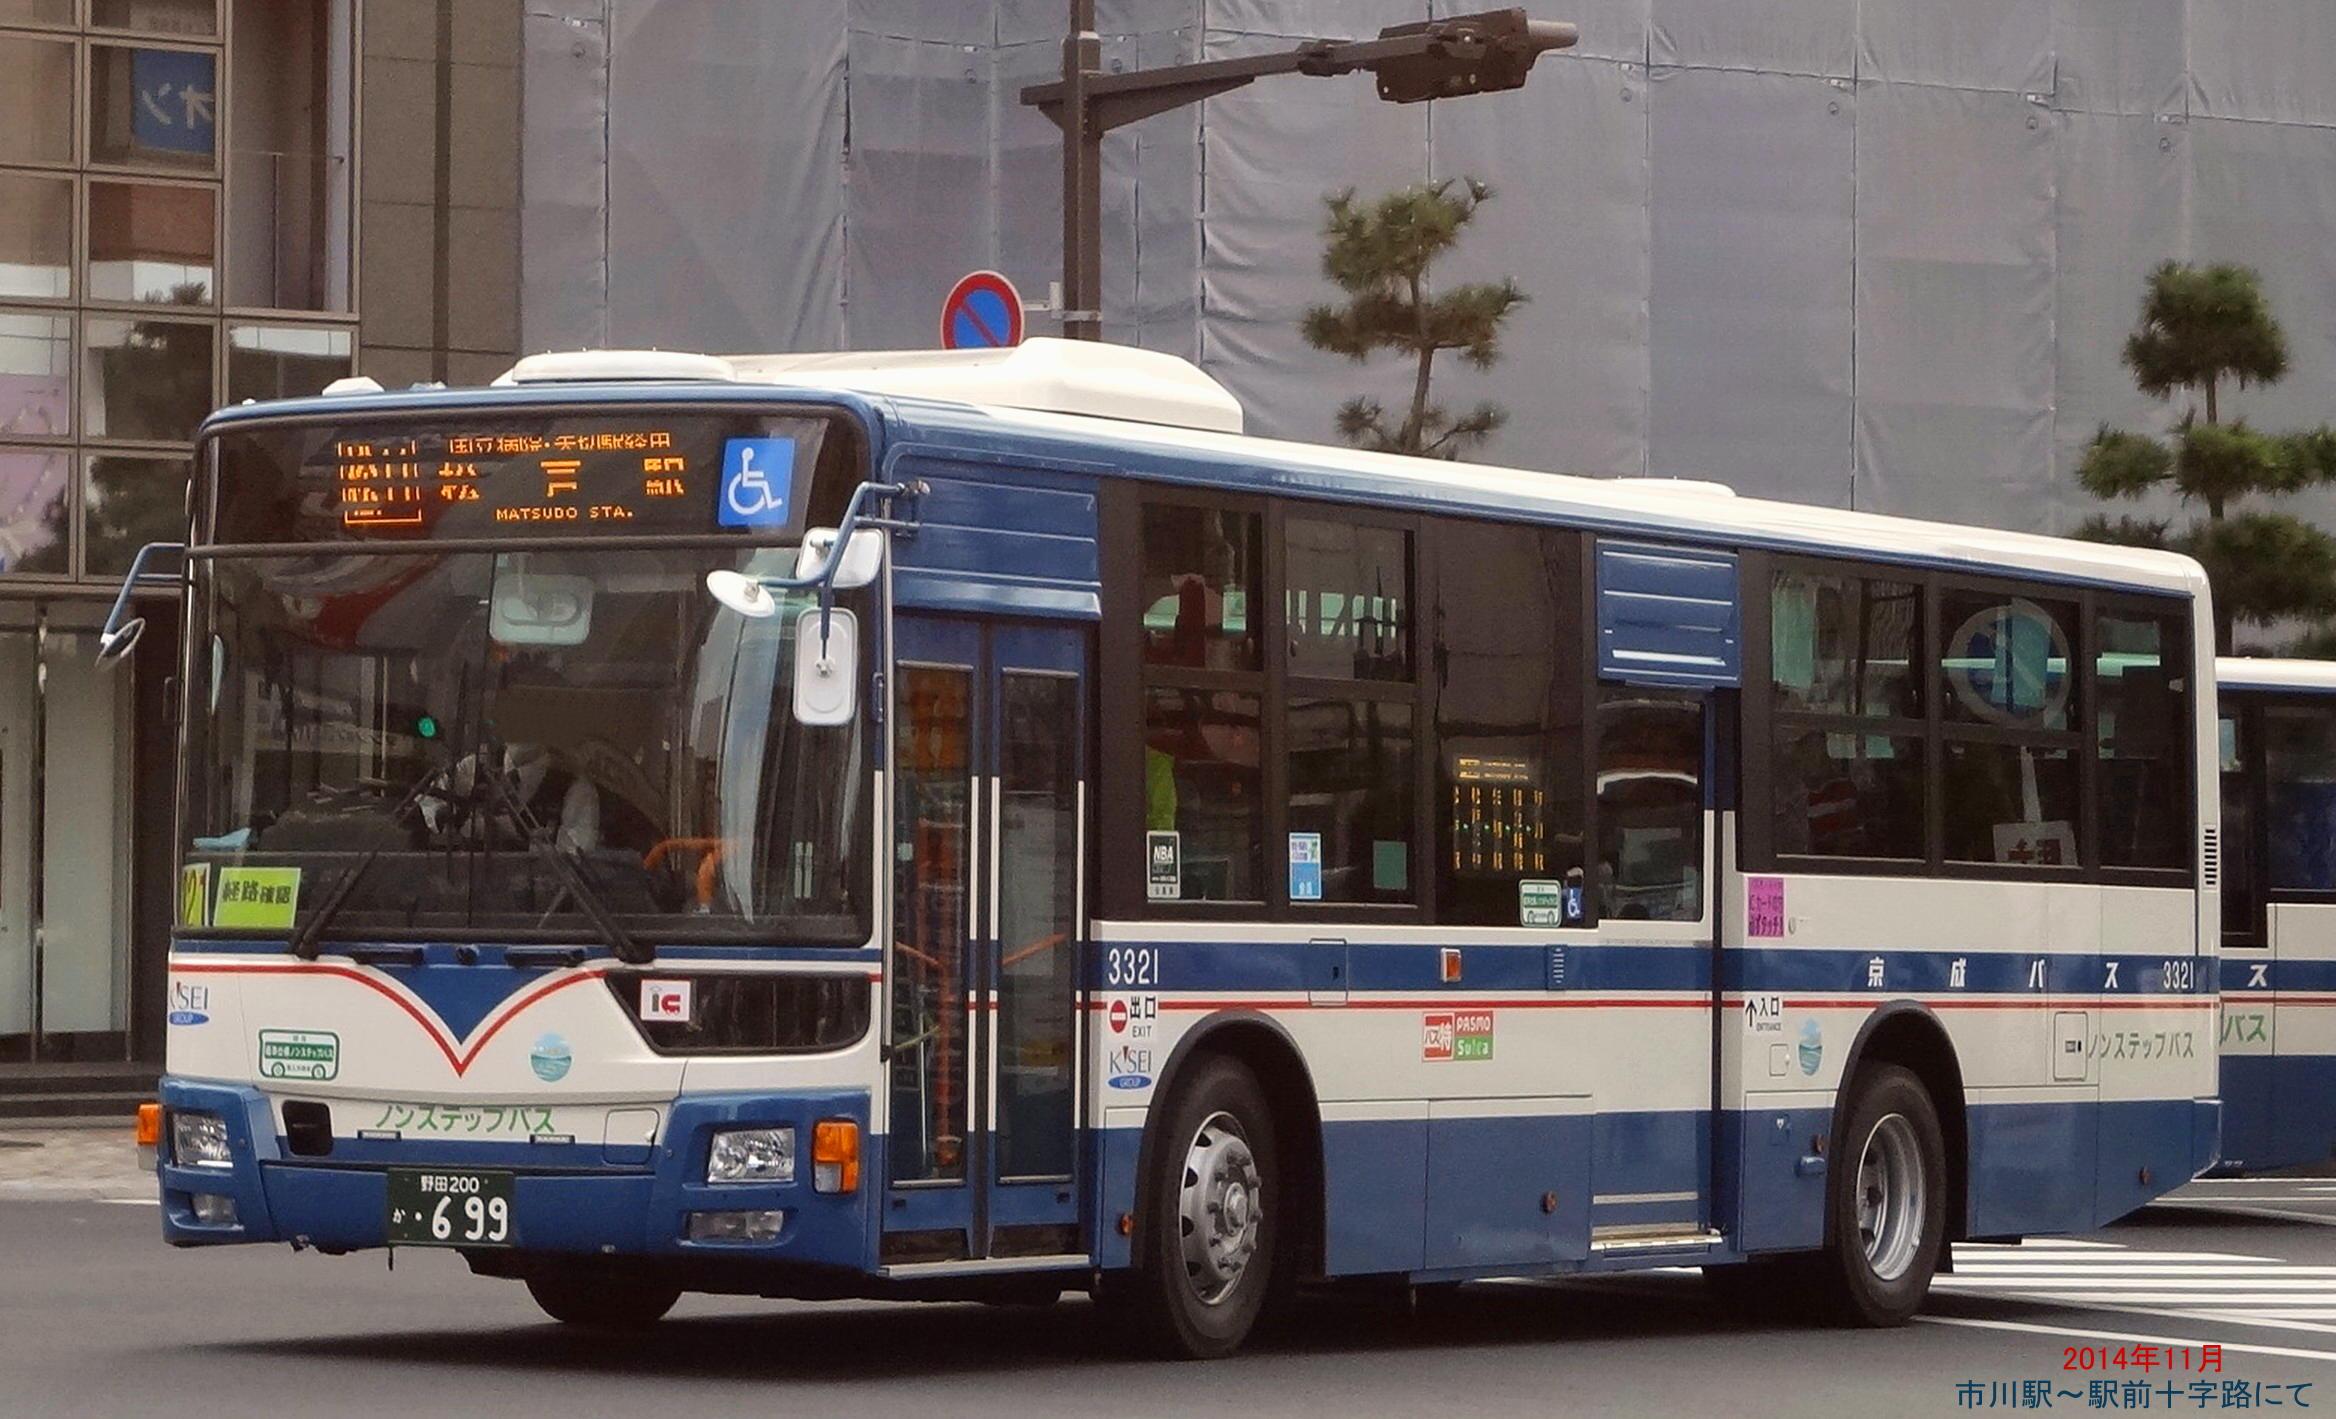 京成トランジットバス - transitbus.co.jp